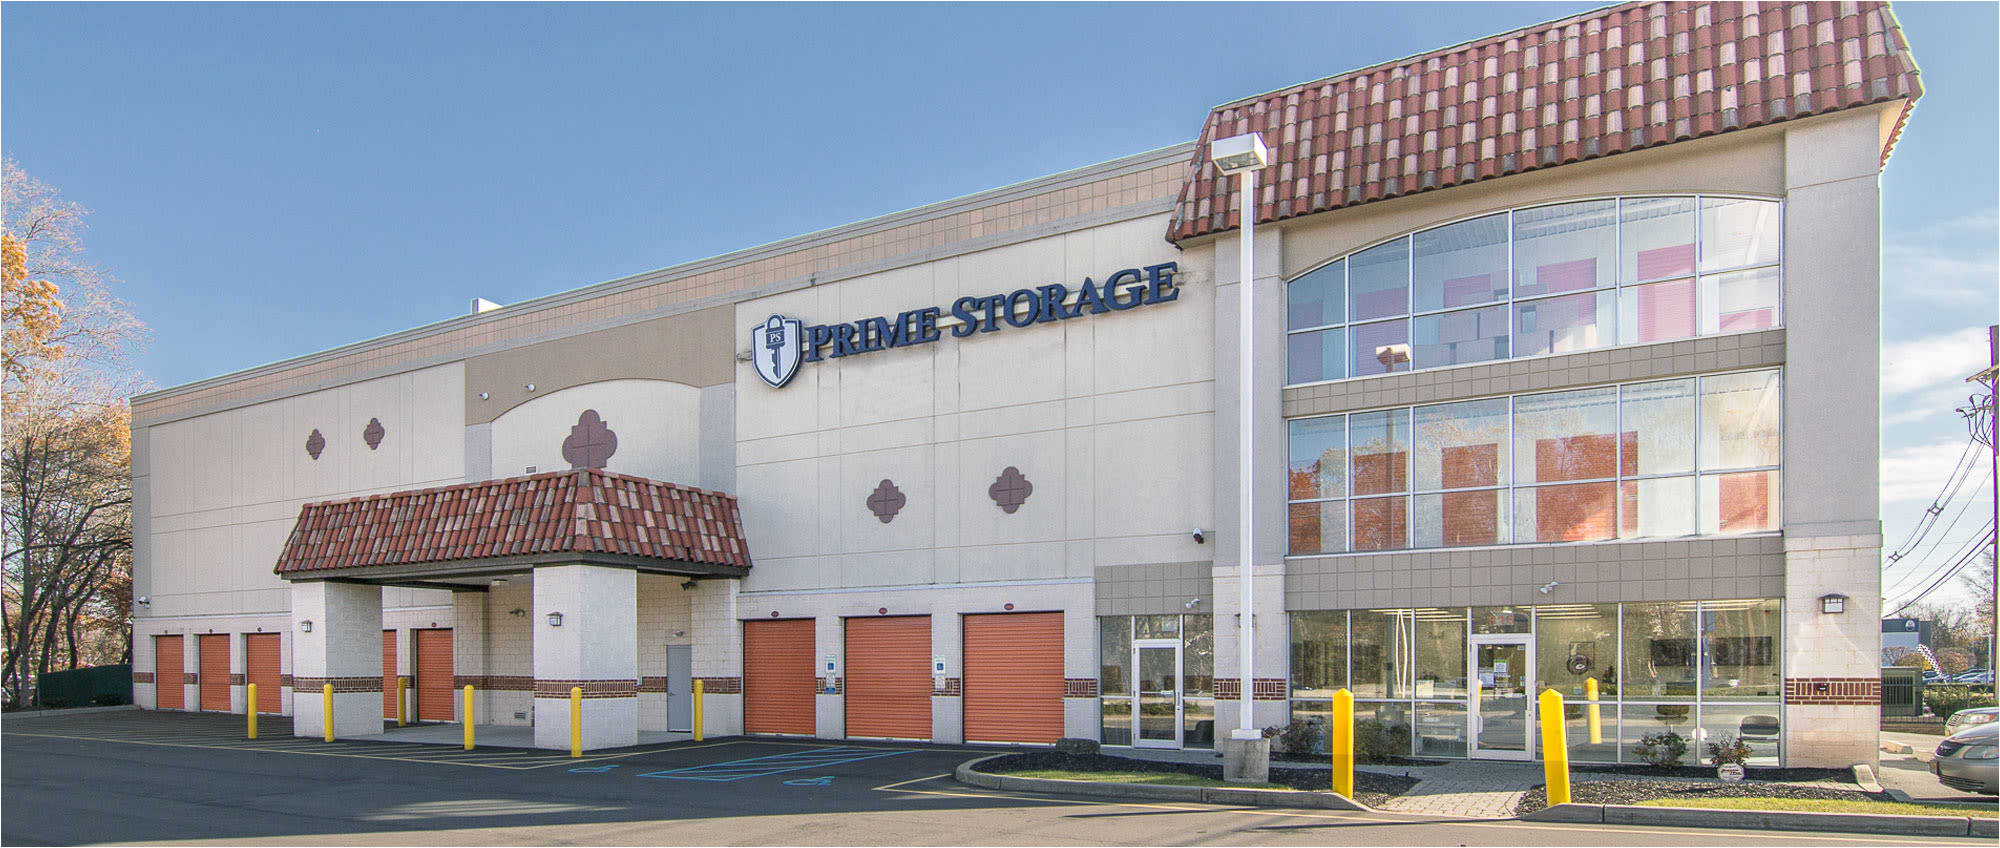 ny exterior of prime storage in saratoga springs